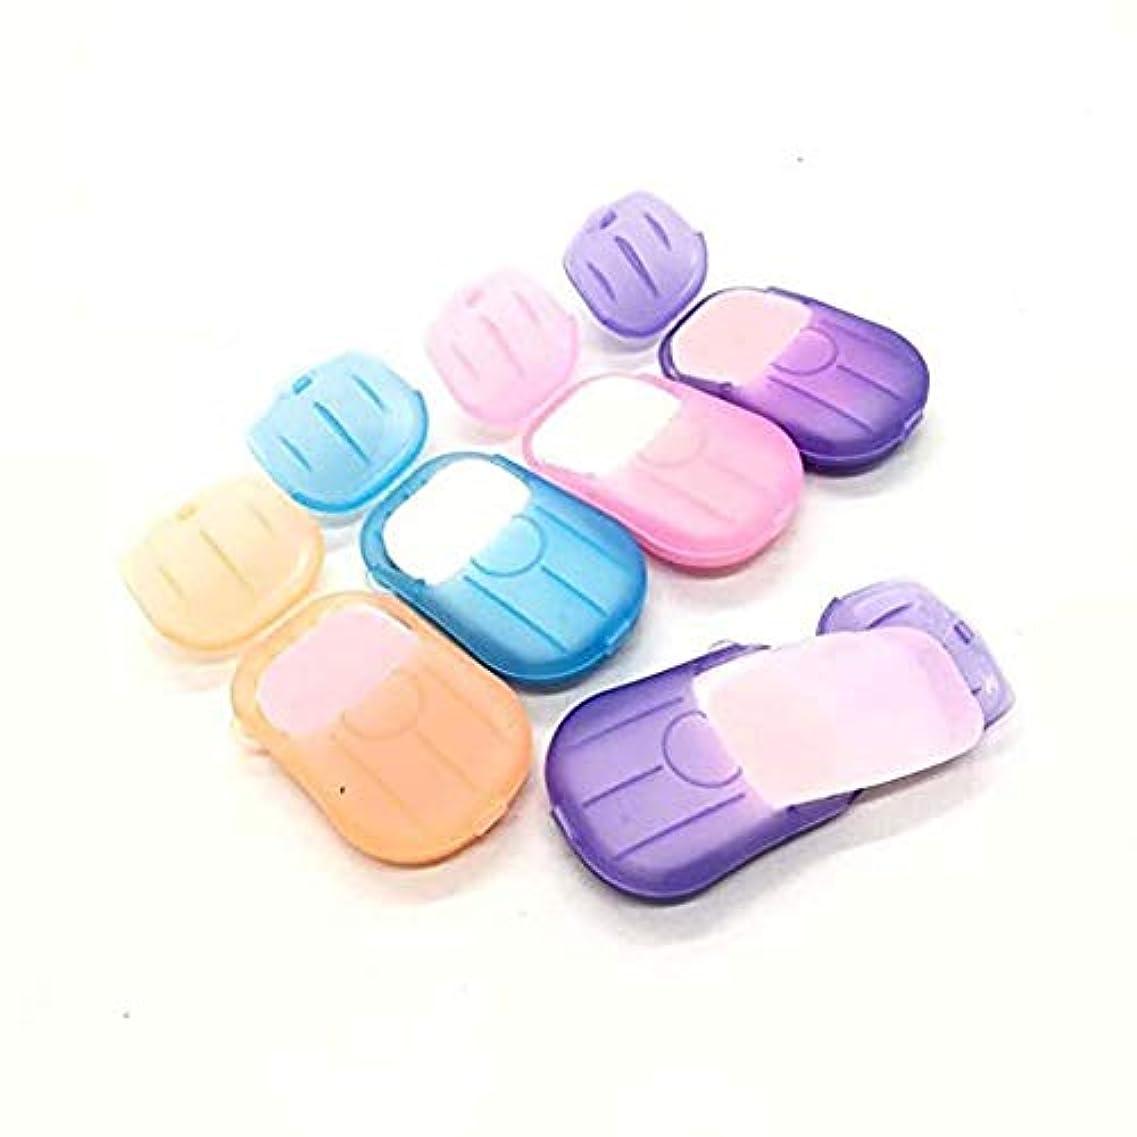 サンダル有力者助手Arvolno ペーパーソープ 紙せっけん 6個セット 石鹸 携帯用除菌 香り 超軽量 持ち運び 手洗い/お風呂 お出かけ 旅行 20枚/ケース (6個セット)